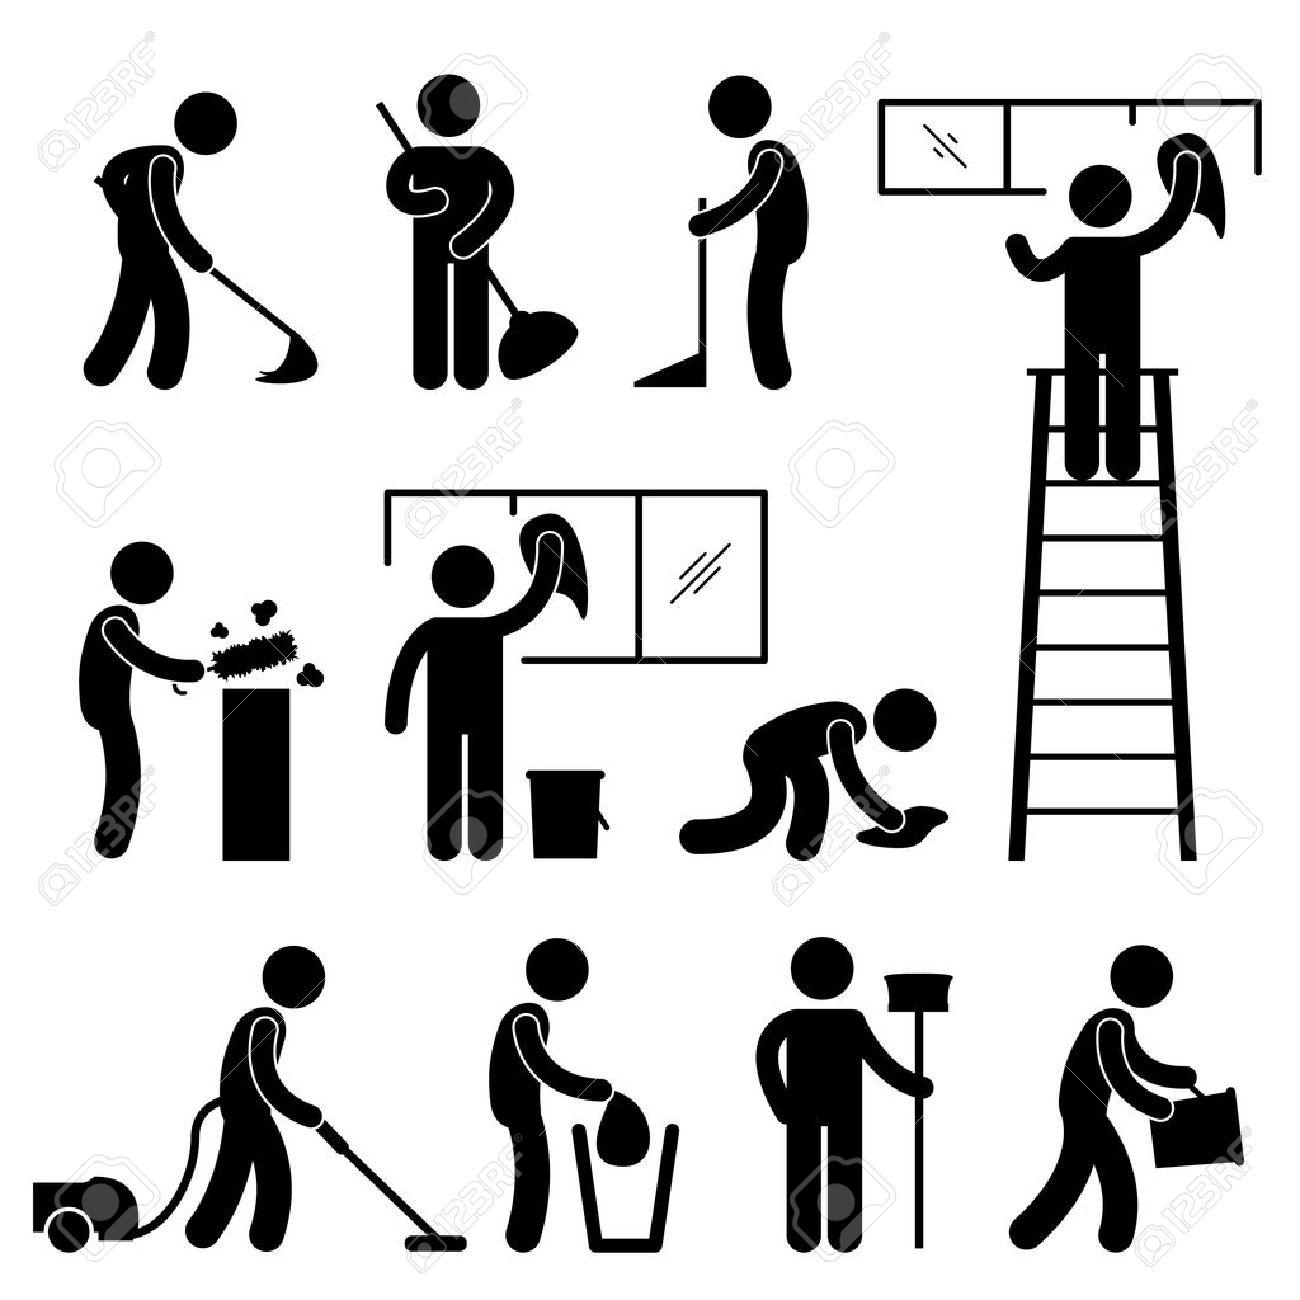 Pictogramme de nettoyage